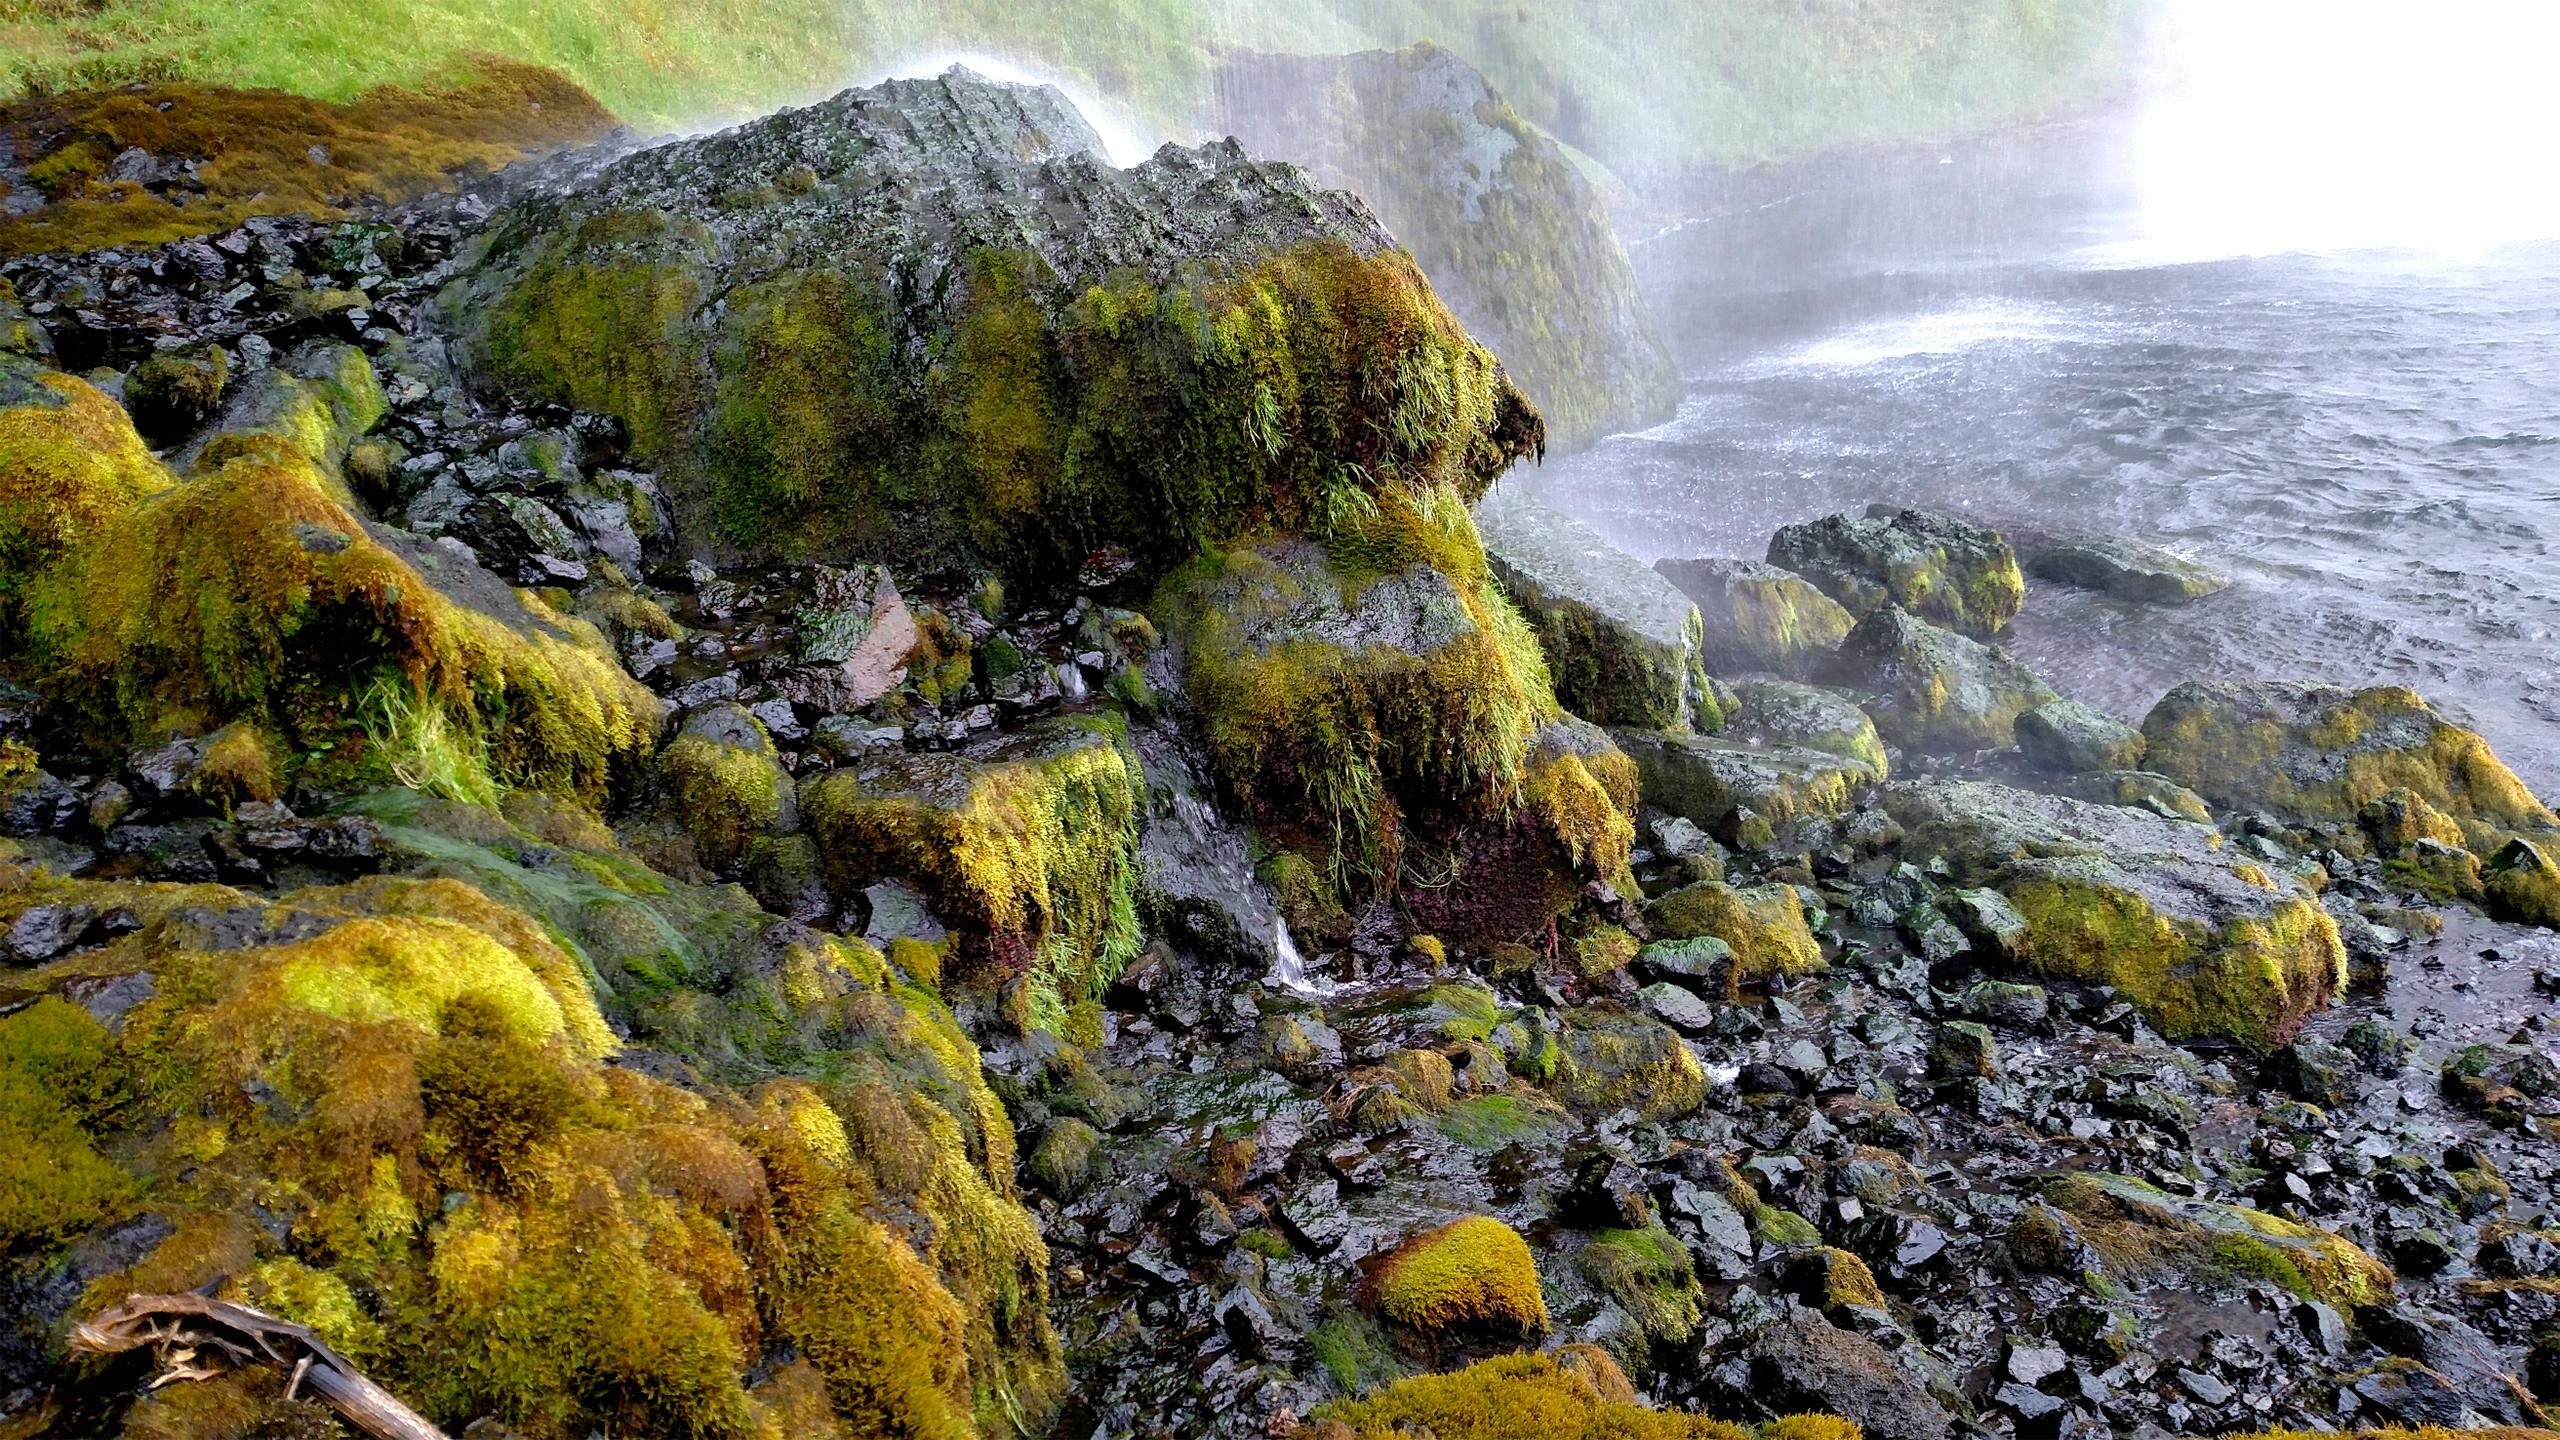 The Mossy Rocks Behind Seljalandsfoss Waterfall In Iceland Oc 2560x1440 Https Ift Tt 2tzwonn Seljalandsfoss Waterfall Iceland Waterfalls Waterfall